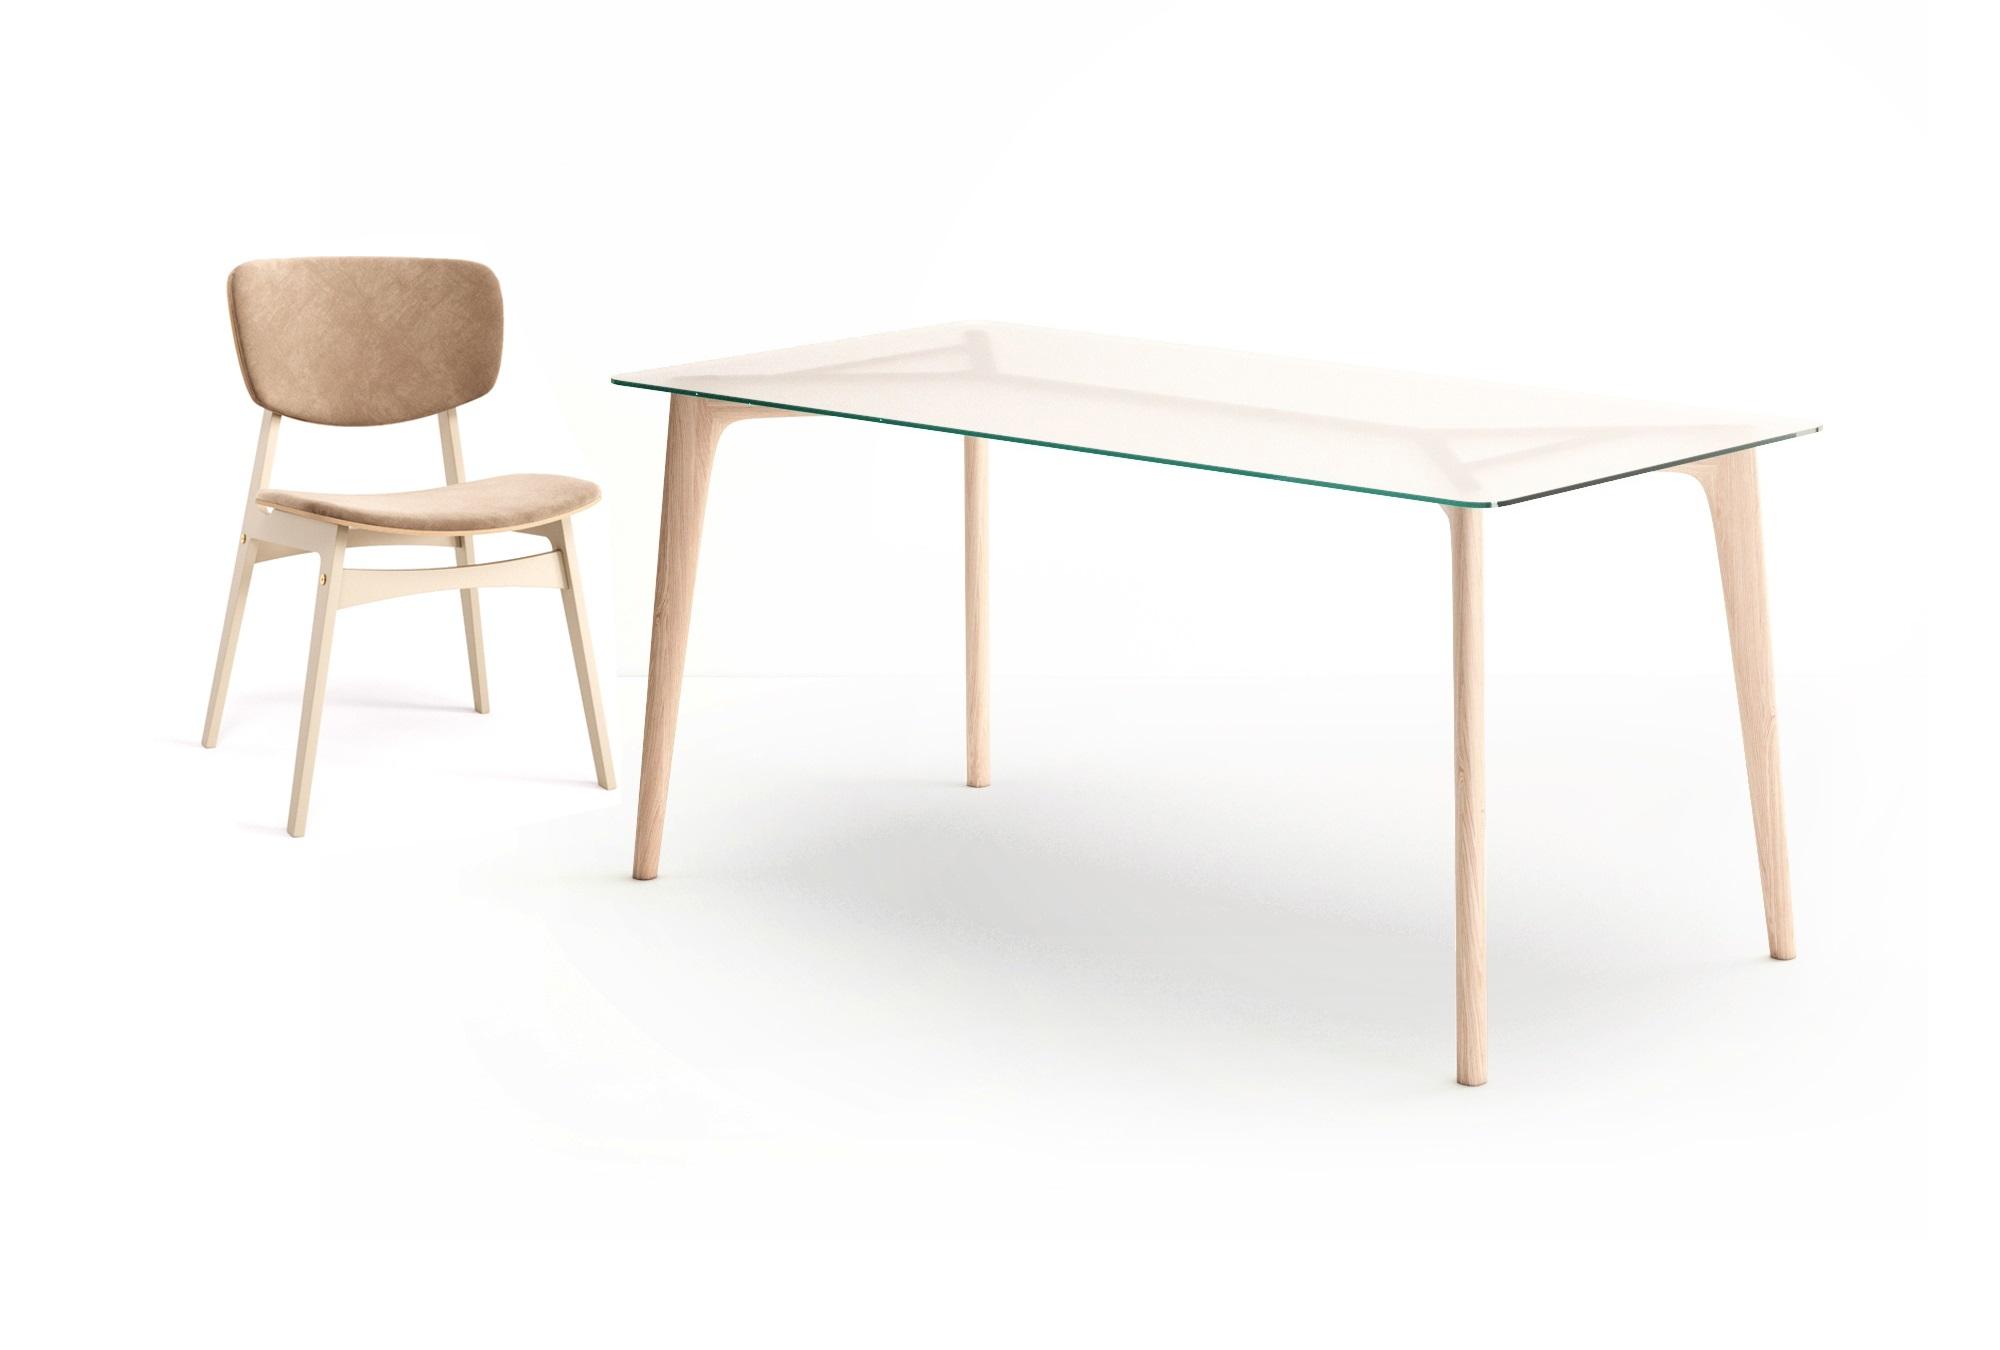 Обеденная группа Floyd (стол + 6 стульев)Комплекты для столовой<br>&amp;lt;div&amp;gt;&amp;lt;div&amp;gt;Комплект Floyd, объединяет в себе простоту, комфорт и индивидуальность. Ножки стола выполнены из массива дуба и отвечают за его прочность, столешница - матовое стекло, создающее ощущение легкости и невесомости. Размеры стола позволяют комфортно разместится большому количеству людей на удобных и ярких стульях Sid.&amp;amp;nbsp;&amp;lt;div&amp;gt;&amp;lt;br&amp;gt;&amp;lt;/div&amp;gt;&amp;lt;div&amp;gt;Размеры стола: 160х80х75 см&amp;lt;/div&amp;gt;&amp;lt;div&amp;gt;Материалы стола: дуб, стекло&amp;lt;/div&amp;gt;&amp;lt;div&amp;gt;&amp;lt;span style=&amp;quot;font-size: 14px;&amp;quot;&amp;gt;Стол FLOYD доступен в пяти видах отделки: светлый дуб, темный дуб, дуб венге, беленый дуб, дуб орех.&amp;lt;/span&amp;gt;&amp;lt;br&amp;gt;&amp;lt;/div&amp;gt;&amp;lt;div&amp;gt;&amp;lt;br&amp;gt;&amp;lt;/div&amp;gt;&amp;lt;div&amp;gt;Размеры стула: 52х82х47 см&amp;lt;/div&amp;gt;&amp;lt;div&amp;gt;Материалы стула: Сиденье – Фанера, поролон, ткань.&amp;lt;div&amp;gt;Тип каркаса - Фанера.&amp;lt;/div&amp;gt;&amp;lt;div&amp;gt;Тип отделки – Эмаль, лак&amp;lt;/div&amp;gt;&amp;lt;/div&amp;gt;&amp;lt;/div&amp;gt;&amp;lt;/div&amp;gt;&amp;lt;div&amp;gt;&amp;lt;br&amp;gt;&amp;lt;/div&amp;gt;<br><br>Material: Стекло<br>Ширина см: 160<br>Высота см: 80<br>Глубина см: 75